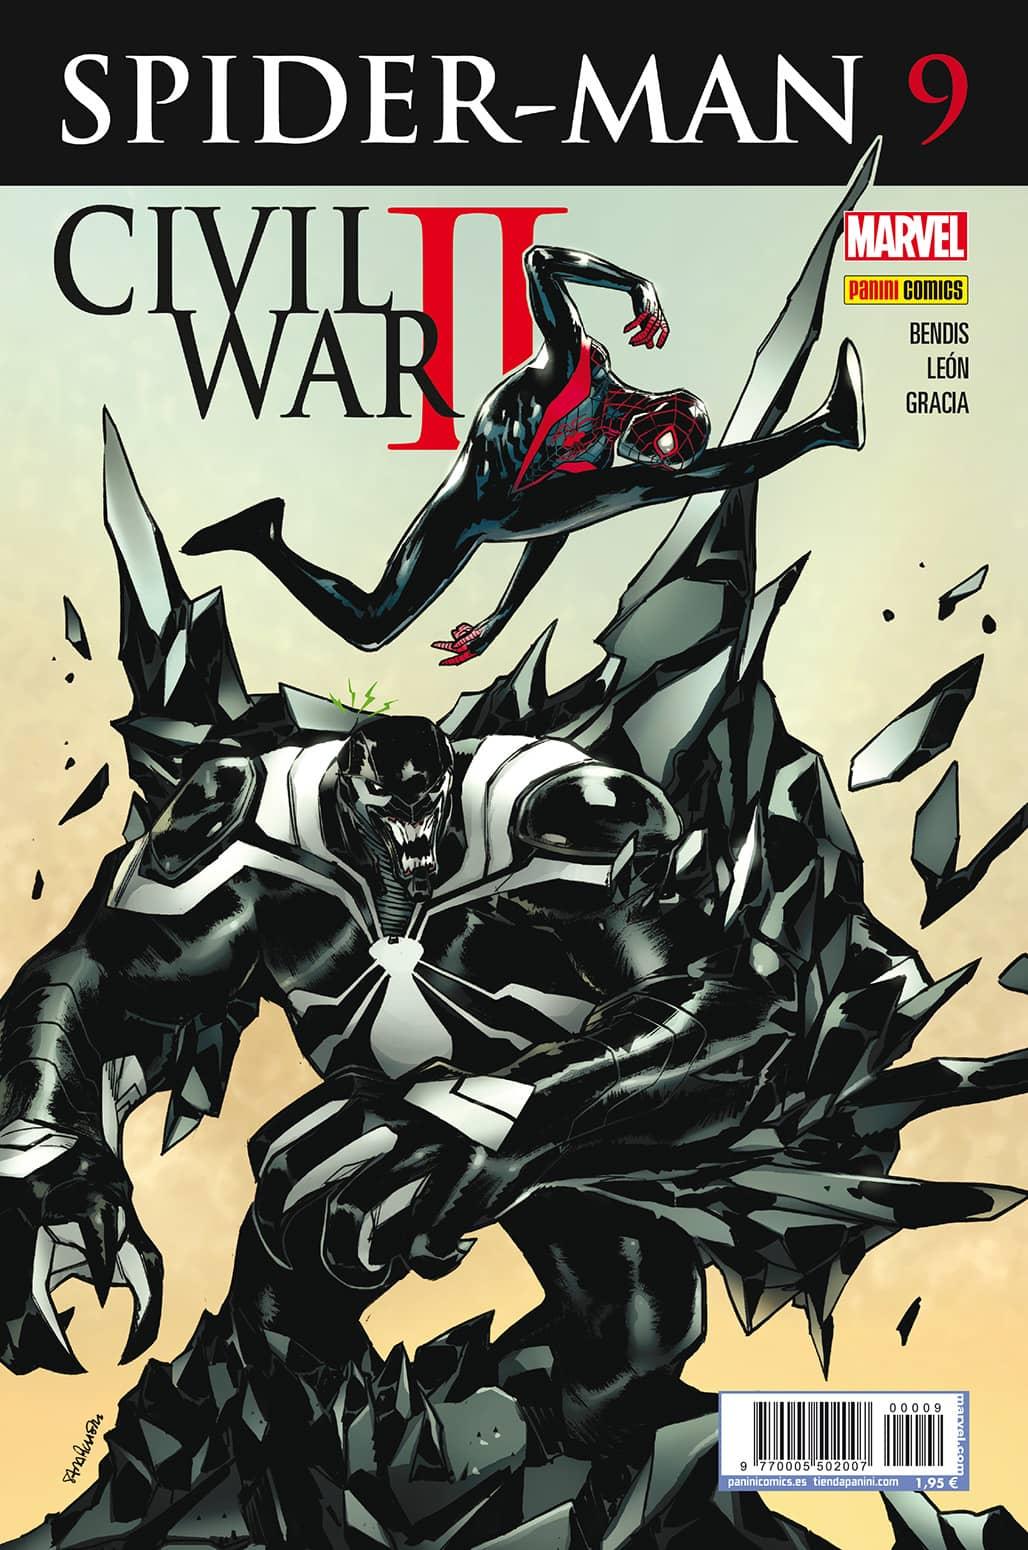 SPIDER-MAN 09 (CIVIL WAR II)